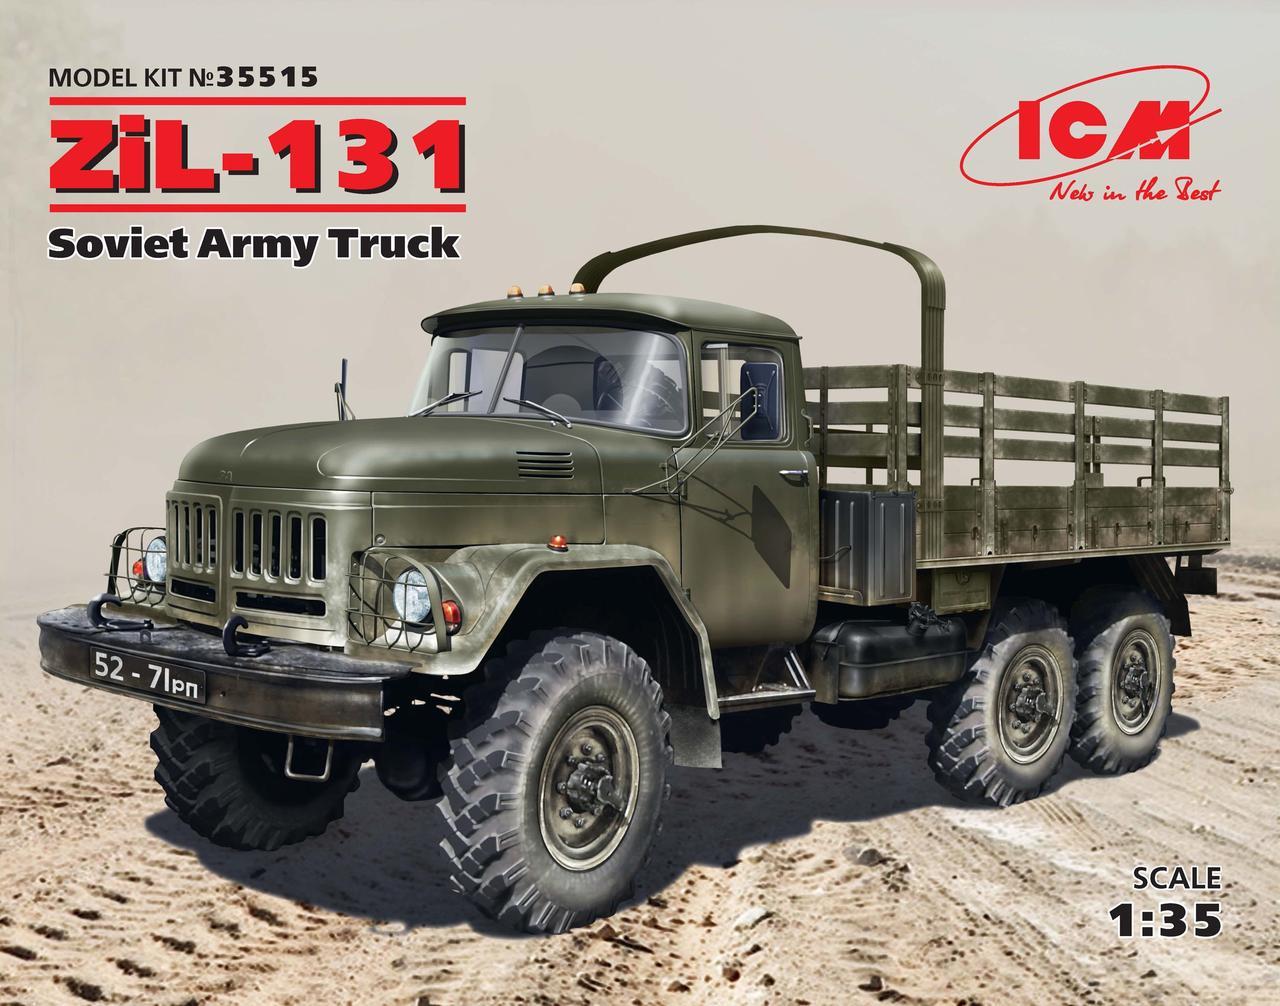 ЗиЛ-131. Сборная модель советского военного грузового автомобиля в масштабе 1/35. ICM 35515